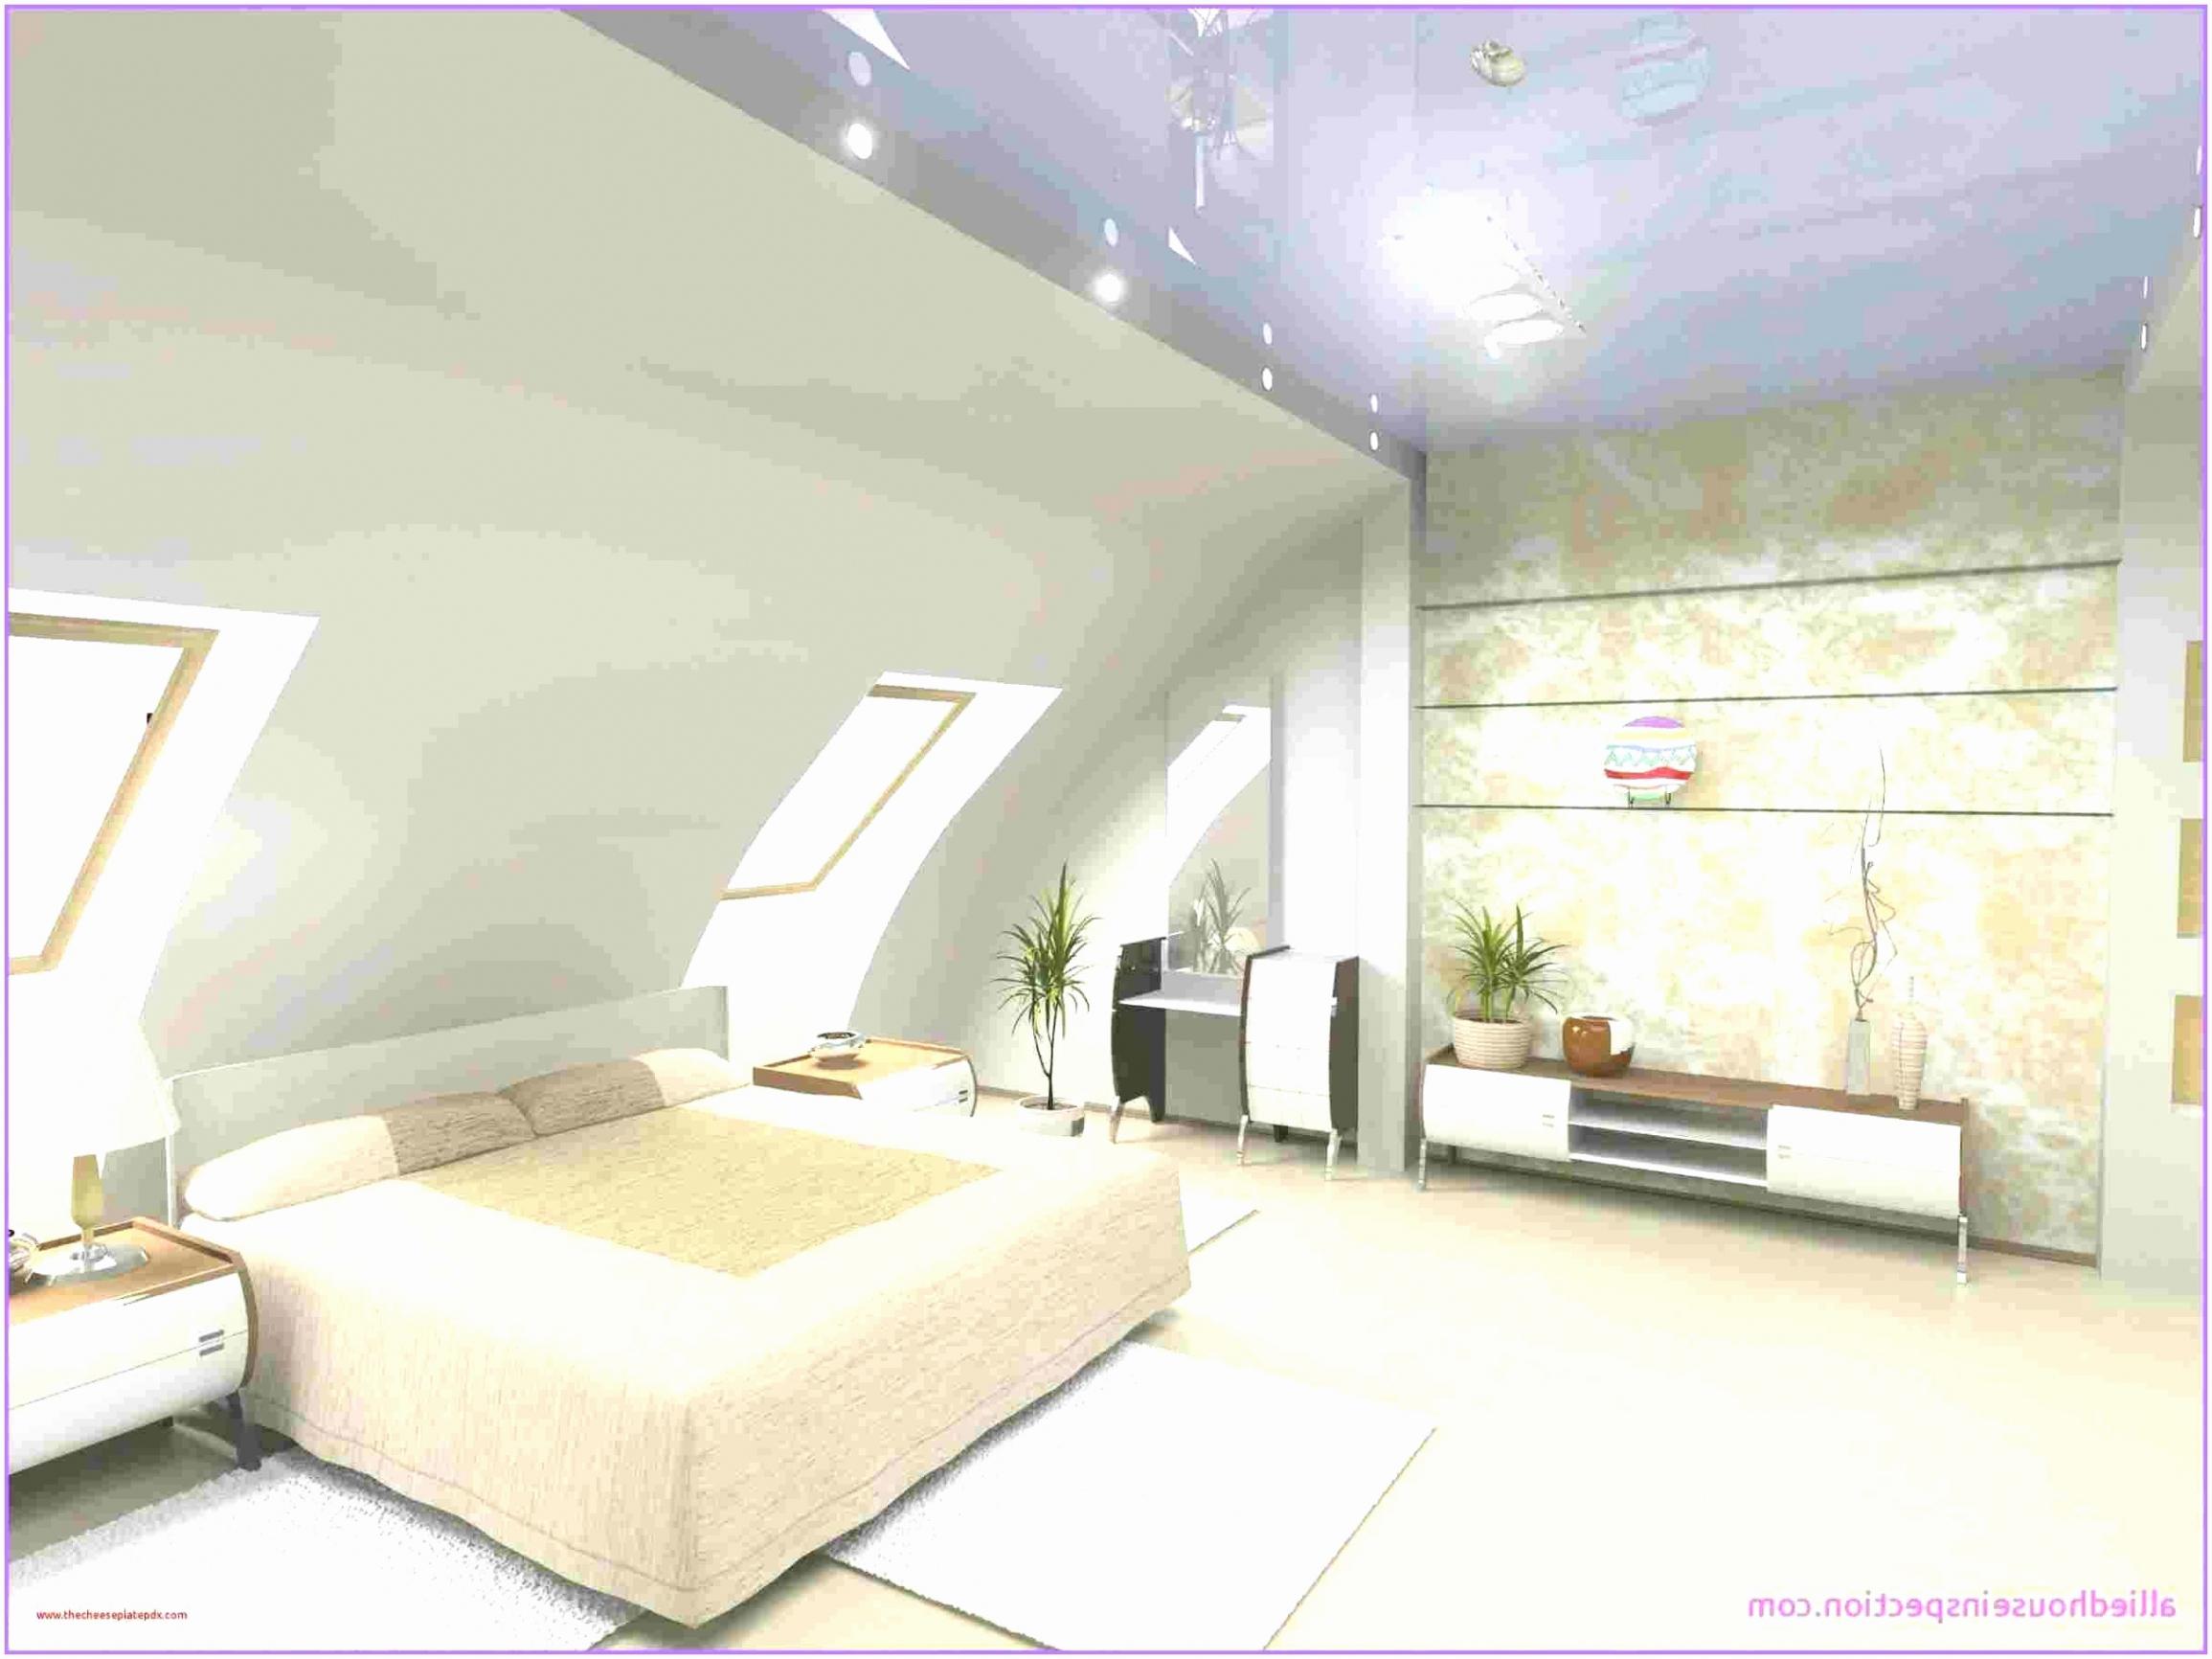 48 luxus deko ideen partyraum keller einrichten ideen keller einrichten ideen